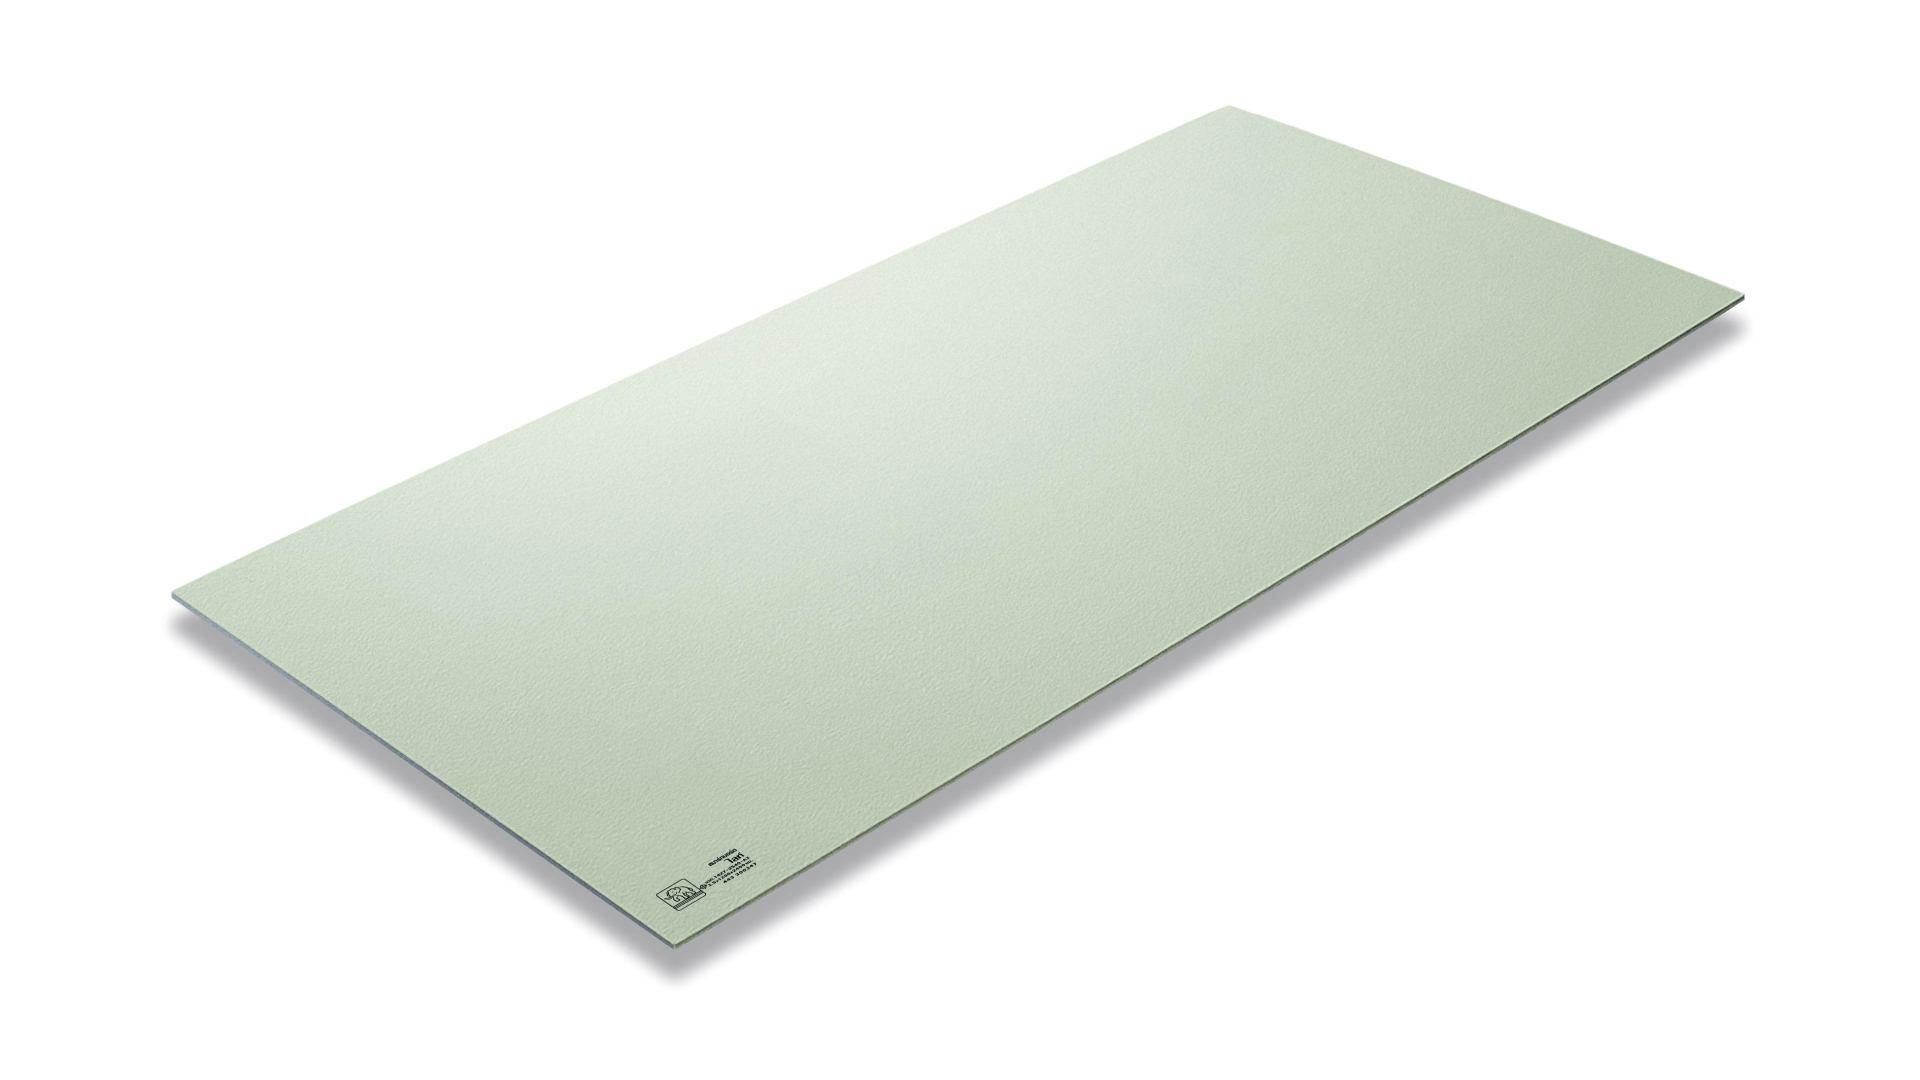 สมาร์ทบอร์ด เอสซีจี รุ่นขอบเรียบ ขนาด 120X240X0.6 ซม. สีซีเมนต์